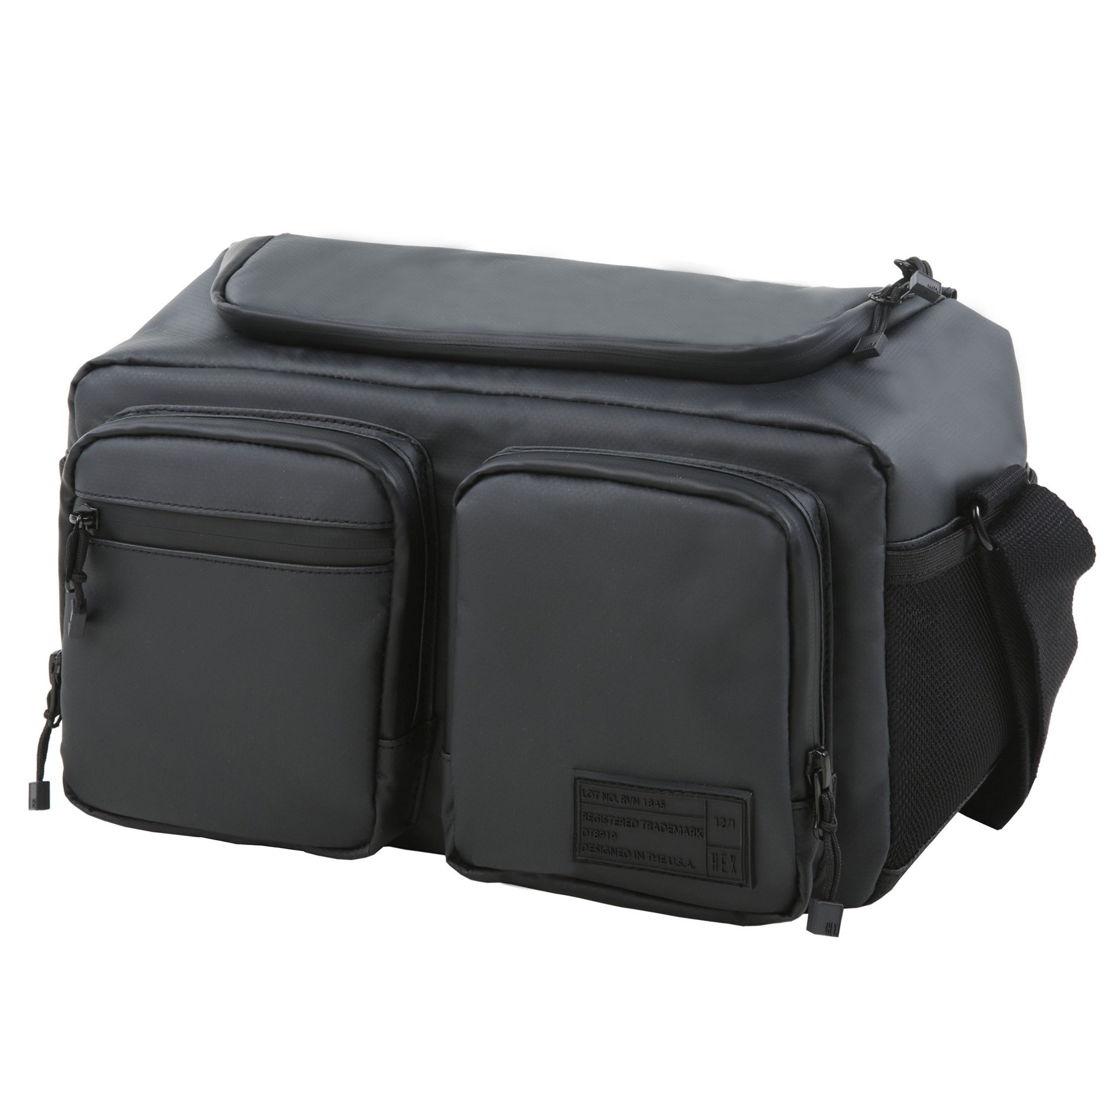 Raven DSLR/Mirrorless Bag